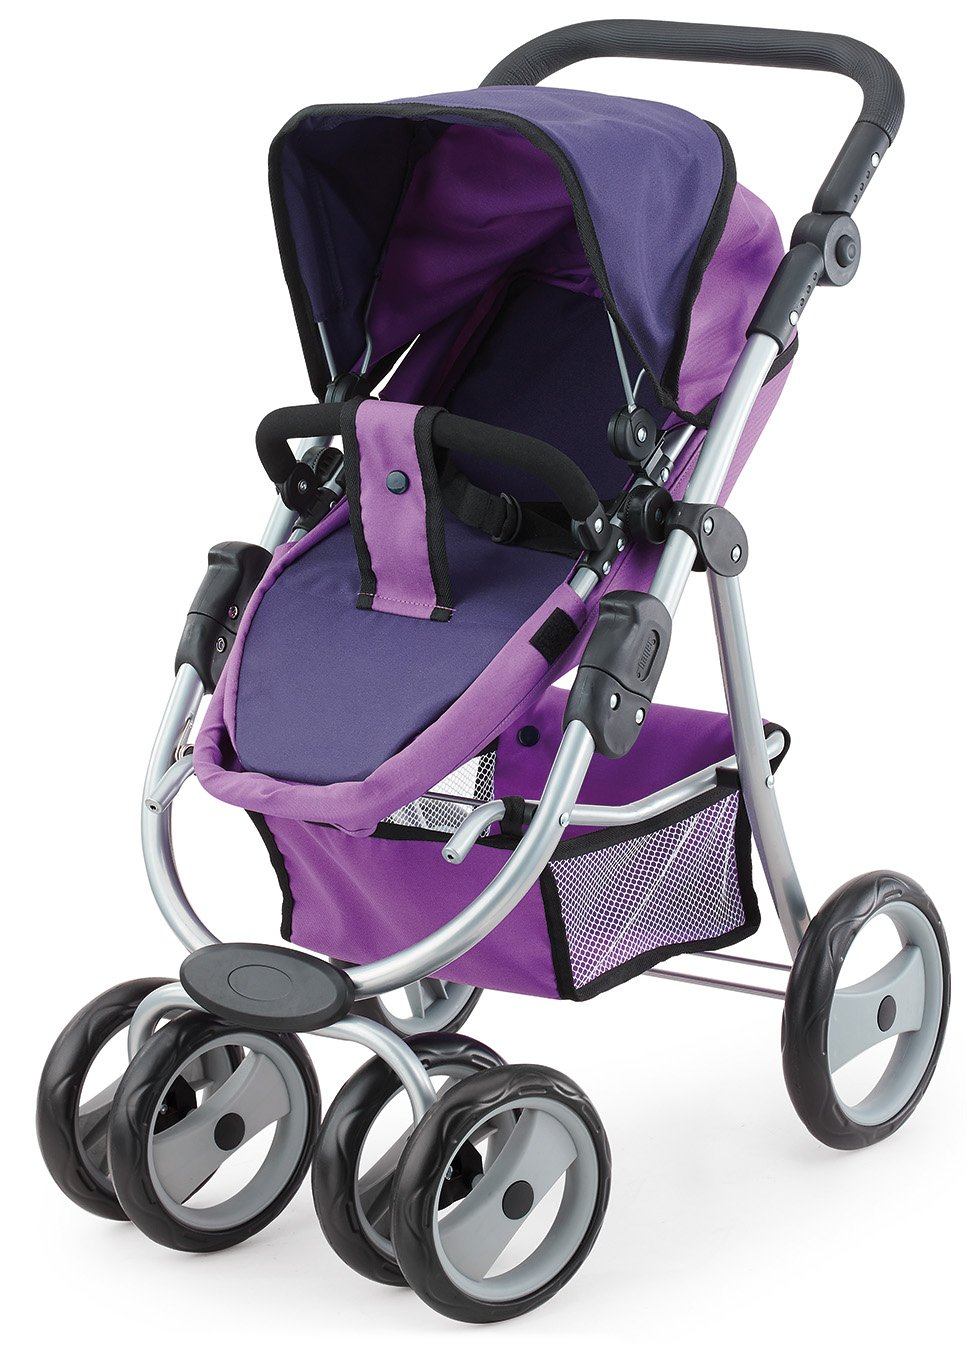 Amazon.com: Bayer Design 22212 - Puppen-/Sportwagen Jogger Vario, lila: Toys & Games